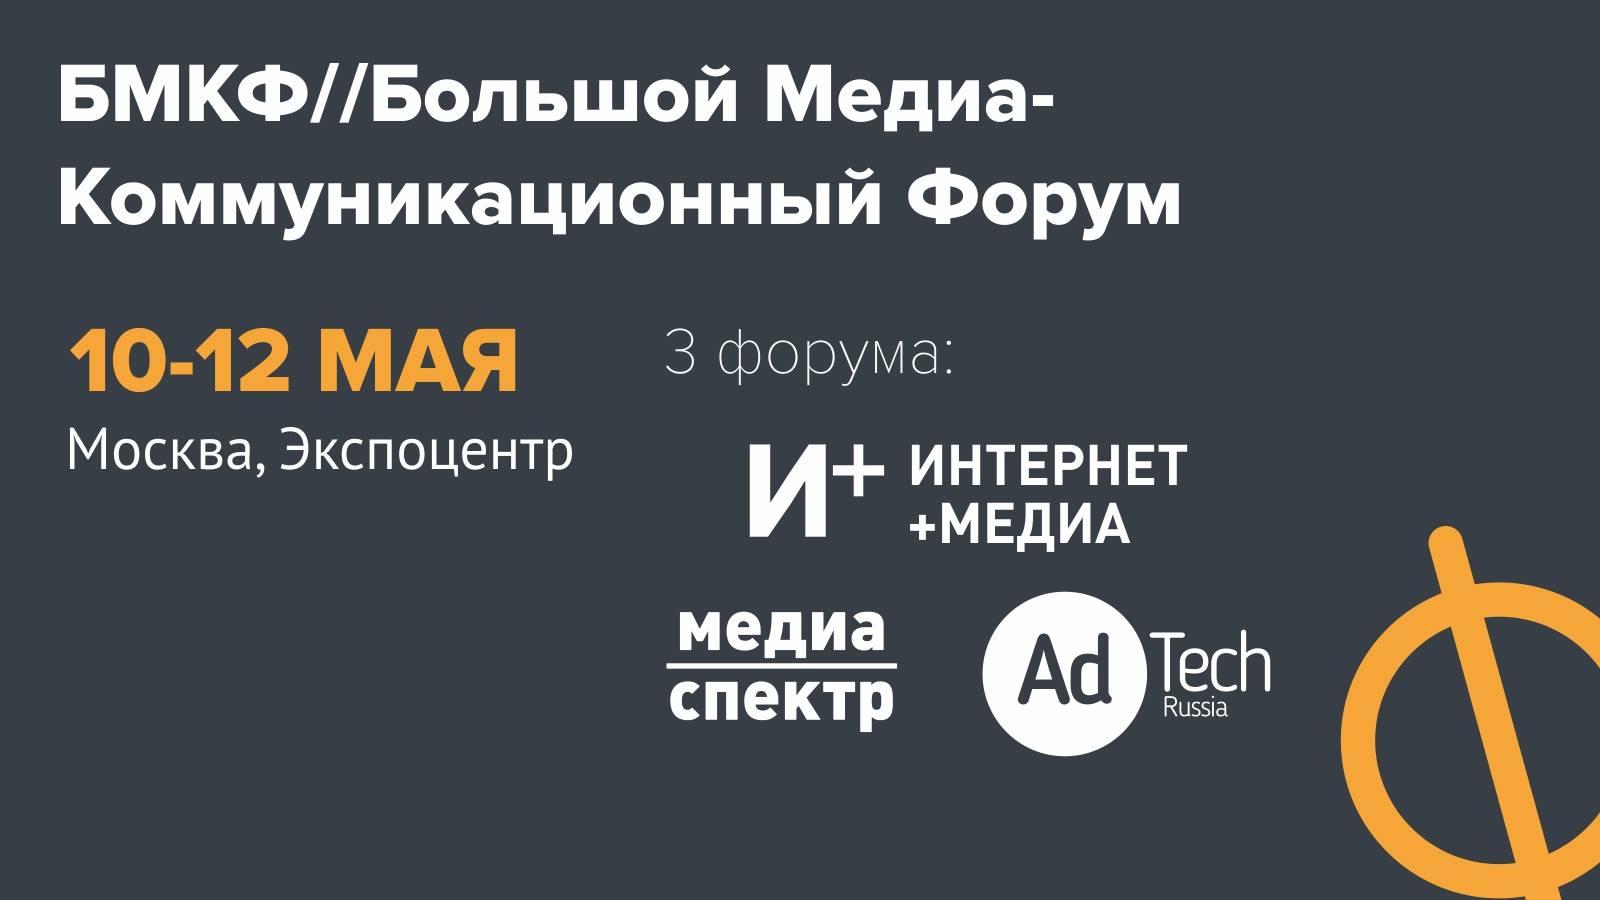 БМКФ-2016. Большой медиа–коммуникационный форум в Москве